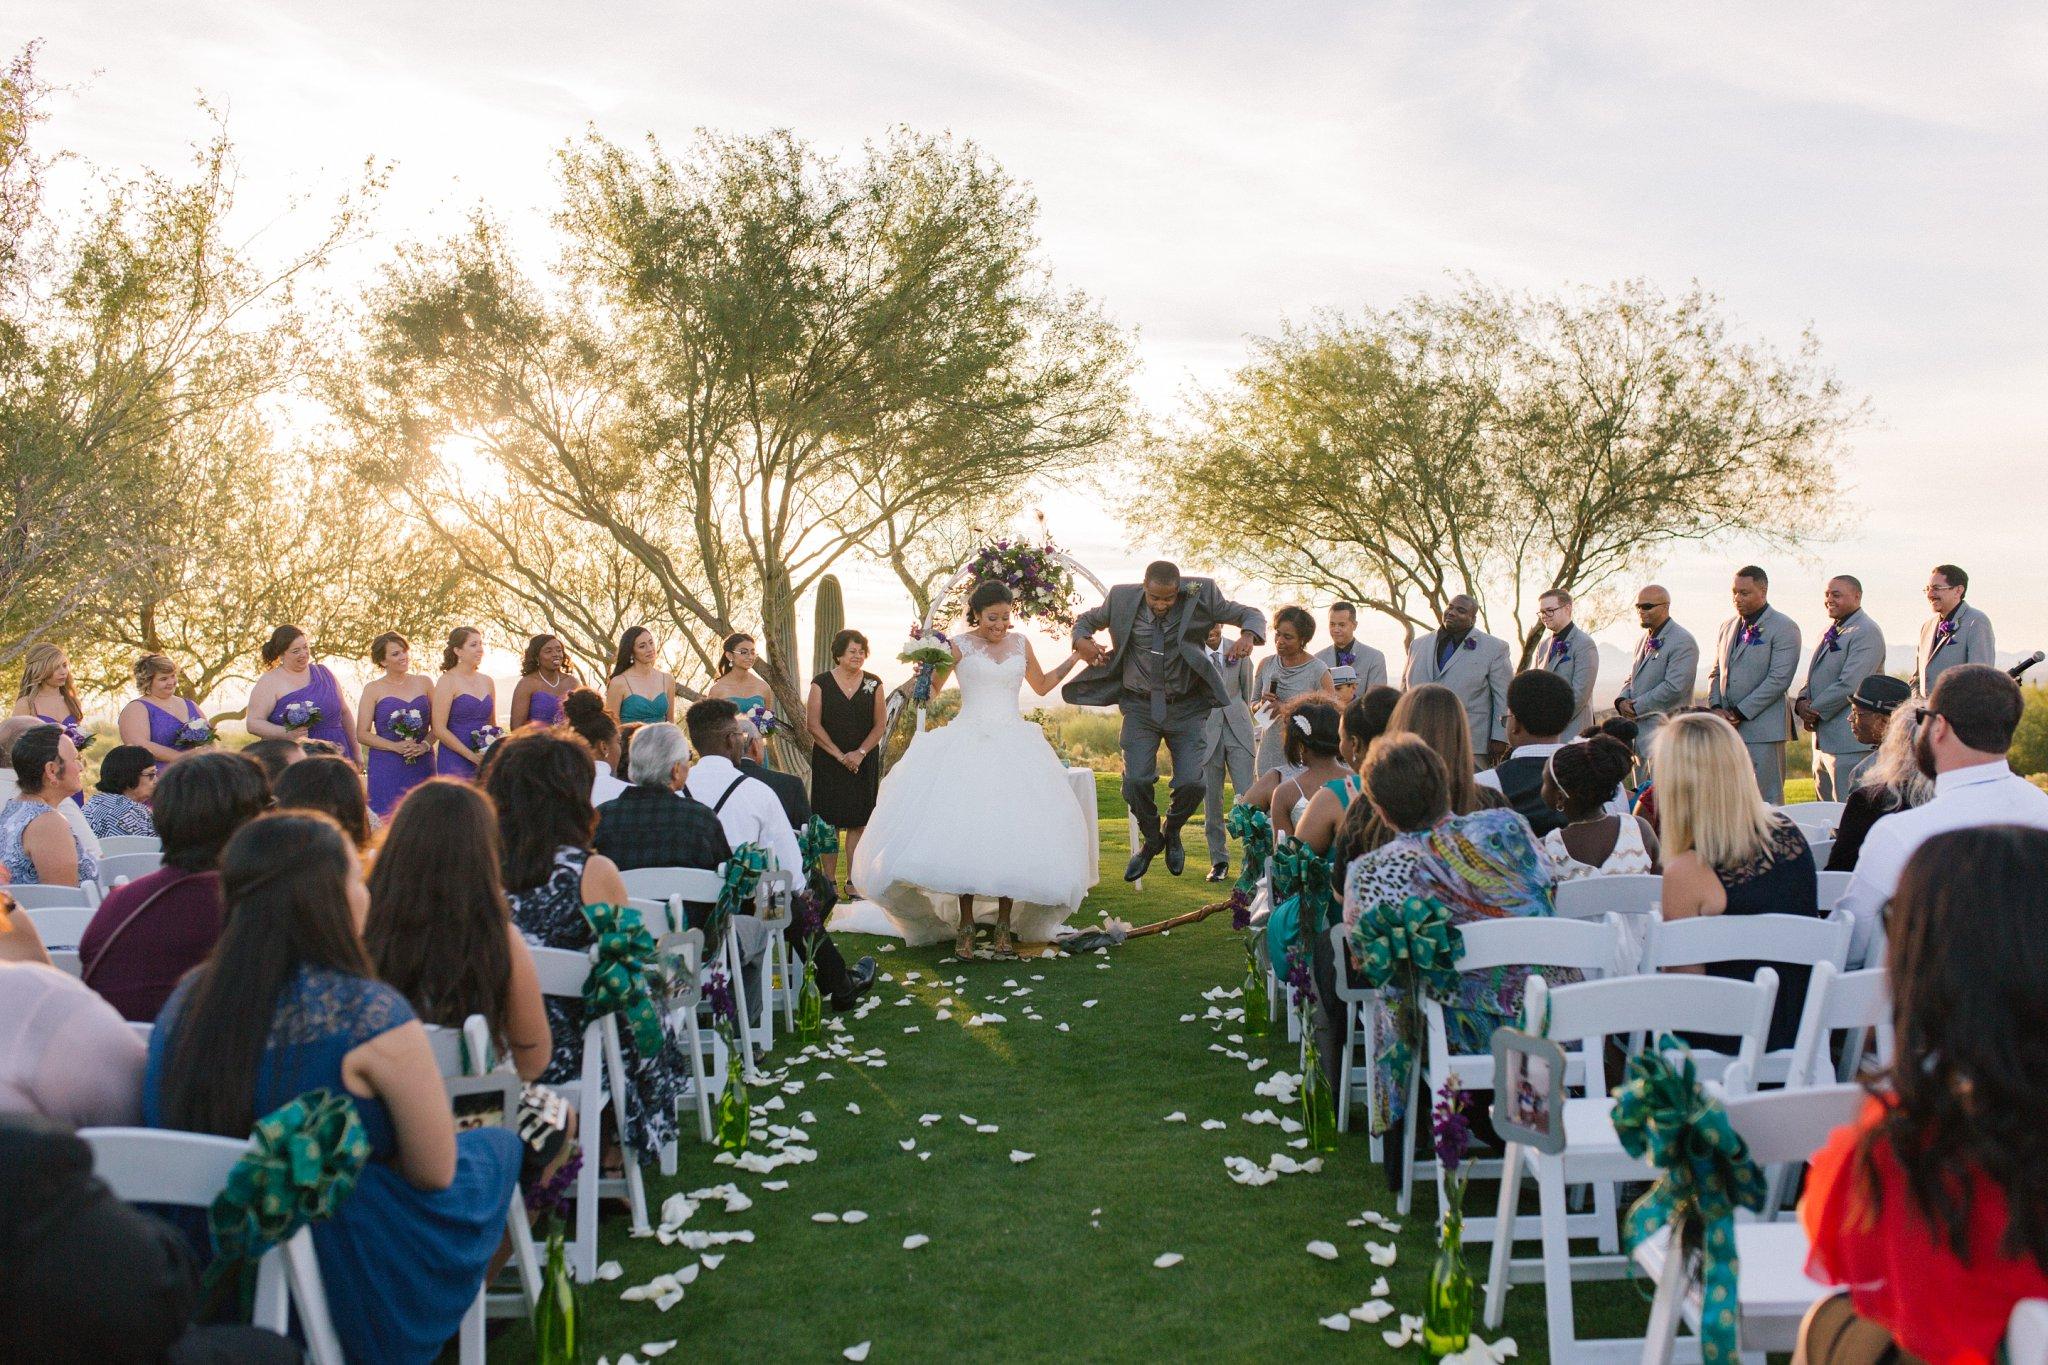 Las Sendas golf course wedding ceremony bride & groom jumping over the broom